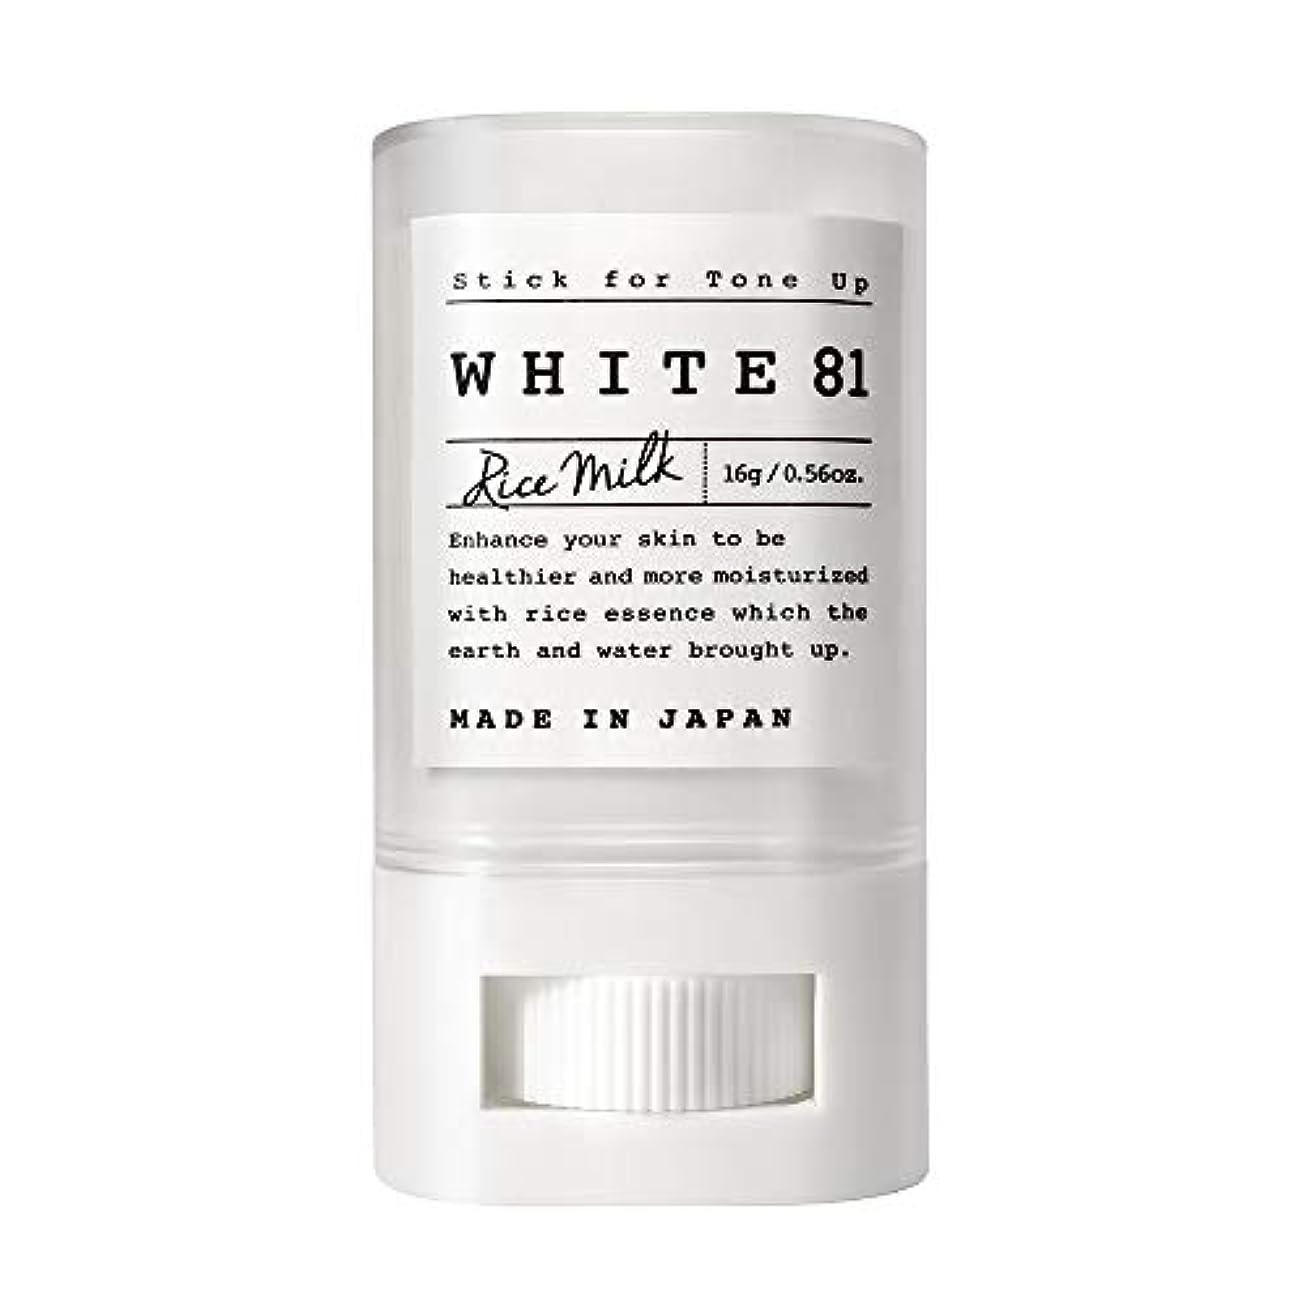 毒性ぐるぐるコーヒーWHITE81 ホワイト81 トーンアップスティック(化粧下地?日焼け止め / SPF35?PA+++?ウォータープルーフ?複合保湿成分配合?肌に優しい6種のフリー / 日本製)